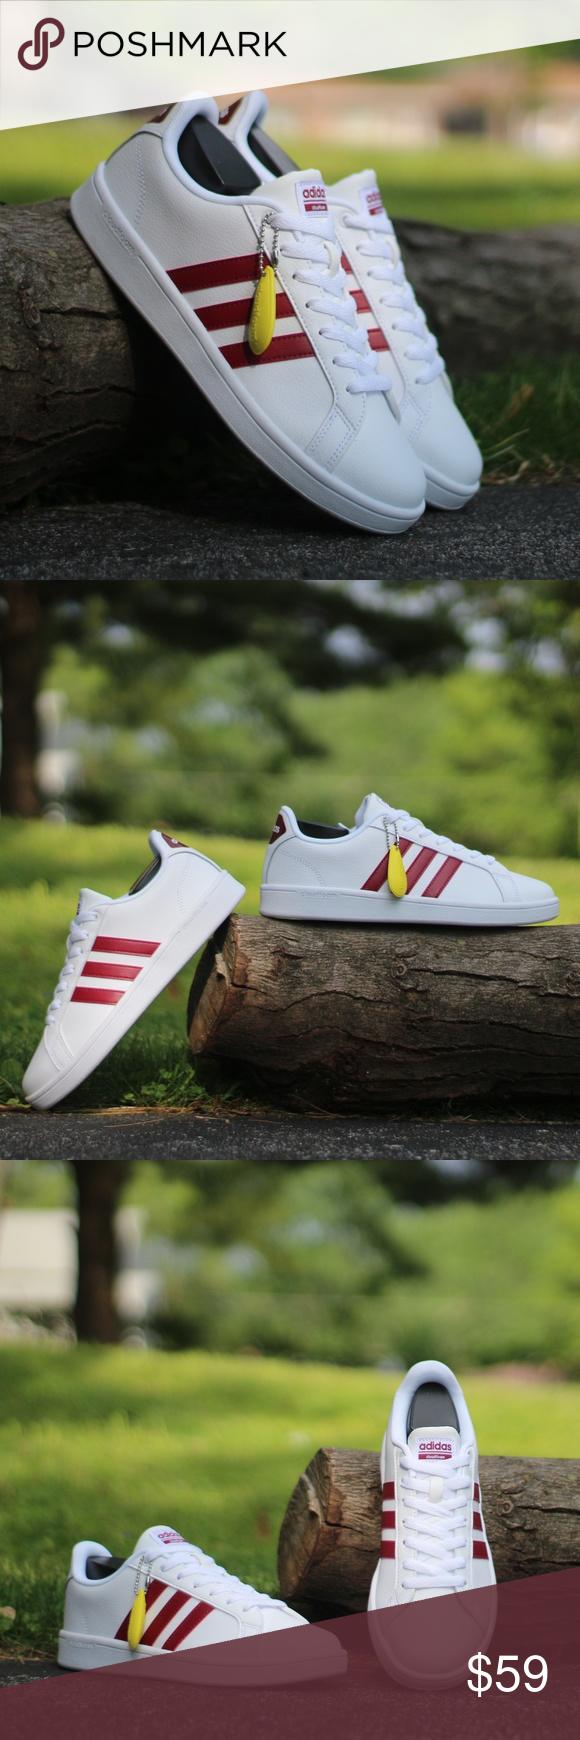 adidas le dimensioni 9 di vantaggio ac7736 scarpe nuove di zecca, con